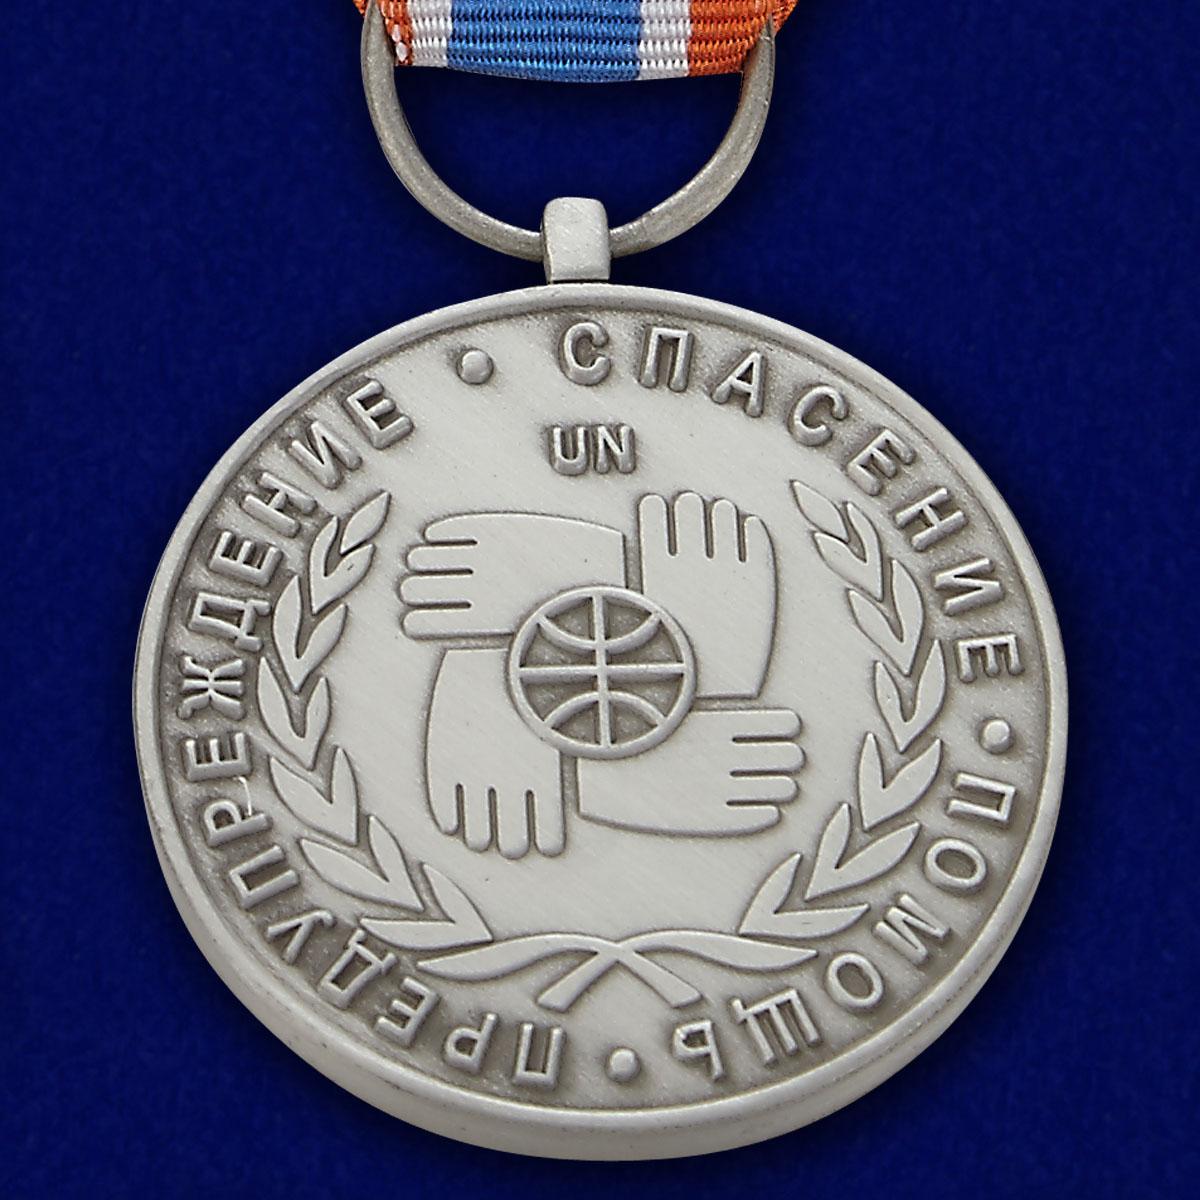 """Купить медаль МЧС """"Участнику чрезвычайных гуманитарных операций"""""""